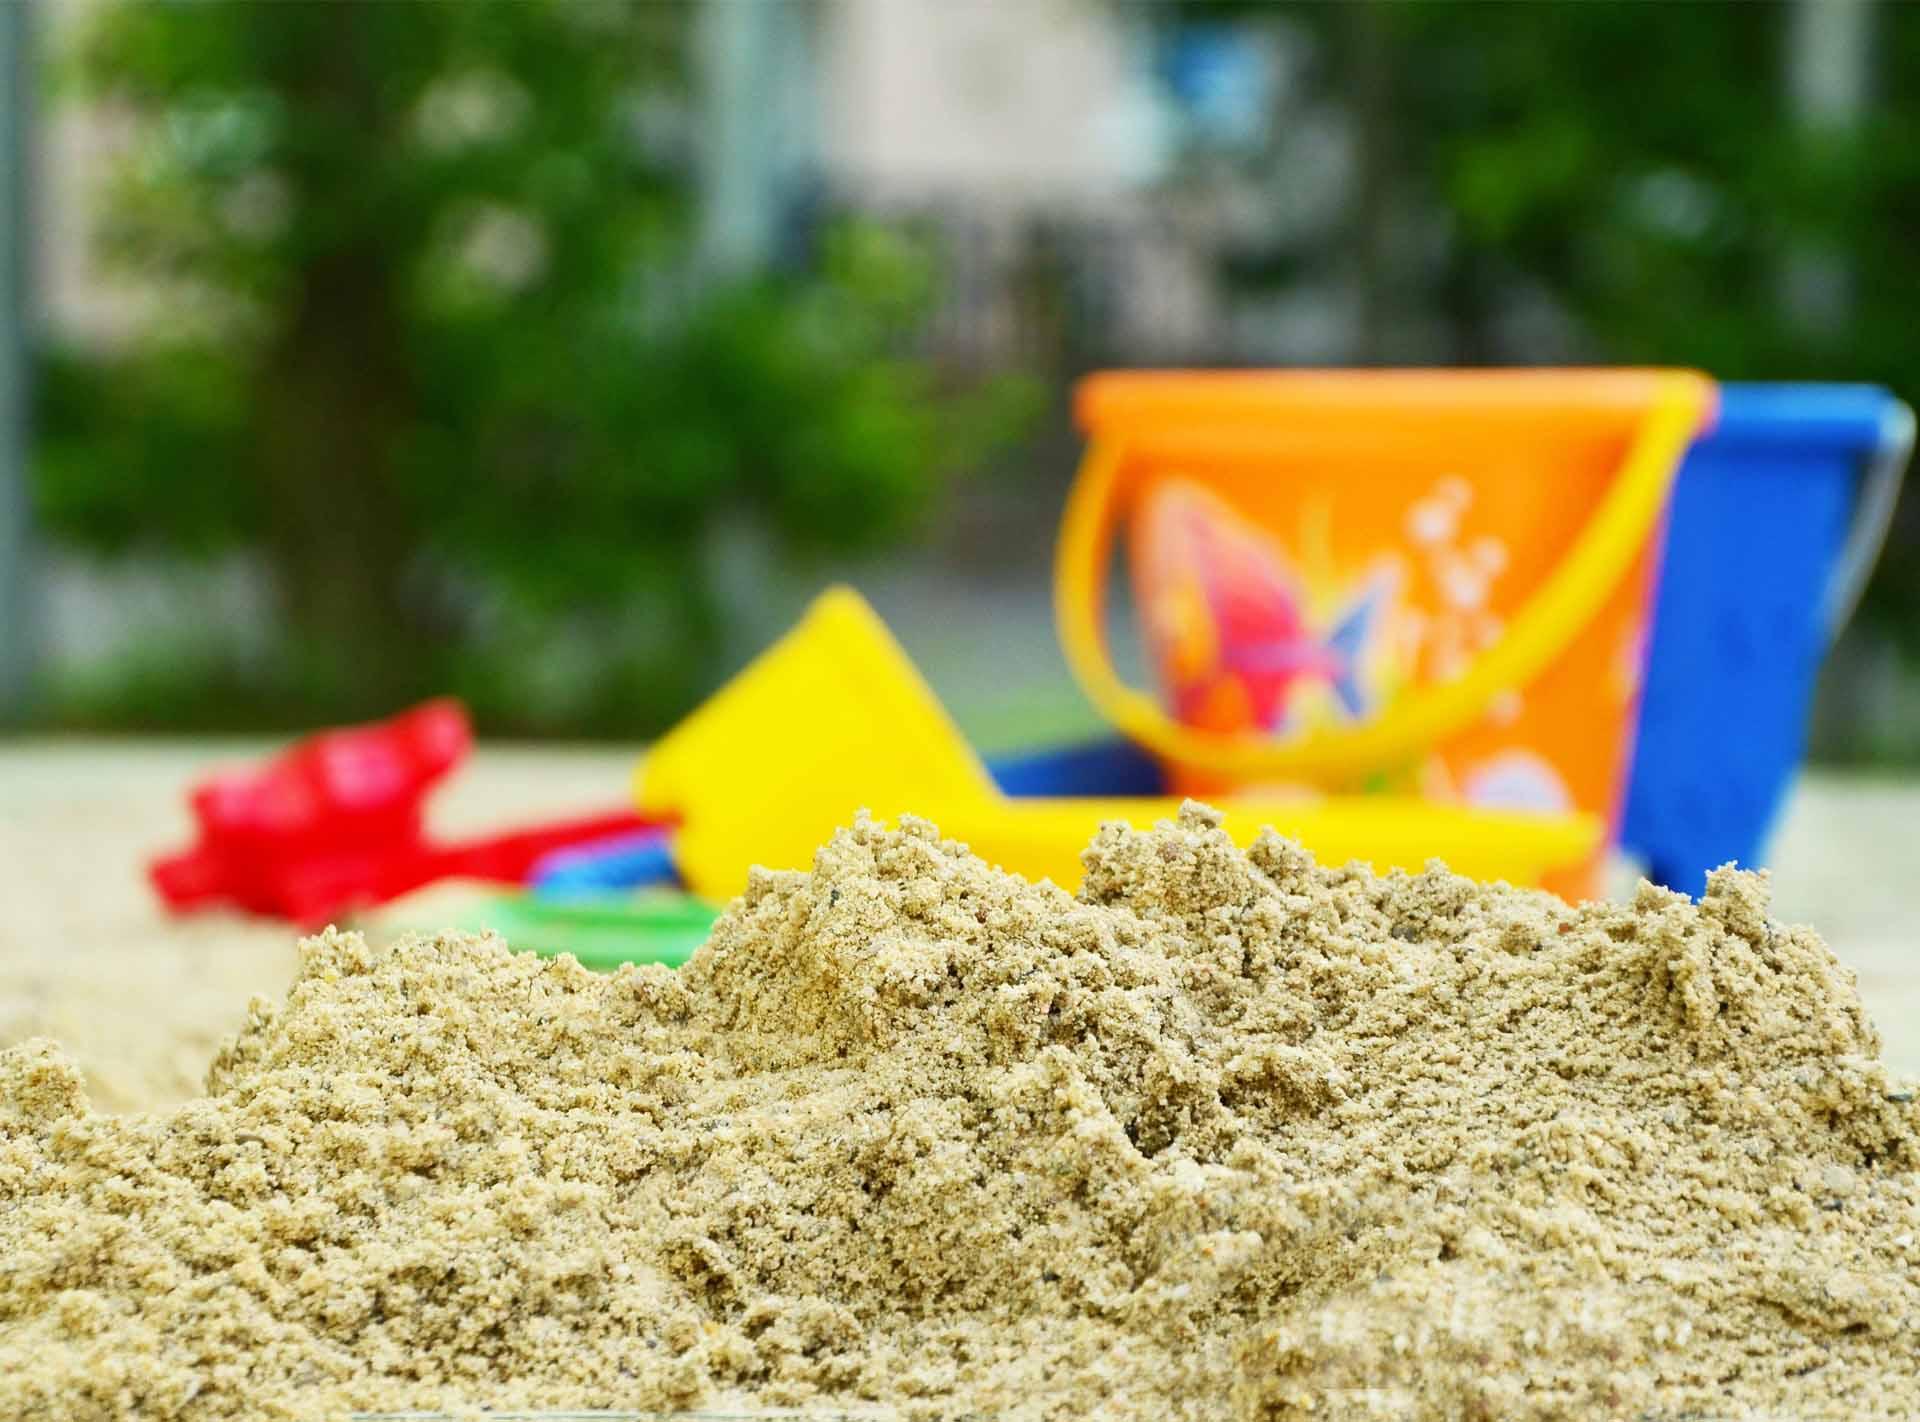 Spielplatzreinigung mit der Sandfuchs Sandreinigung